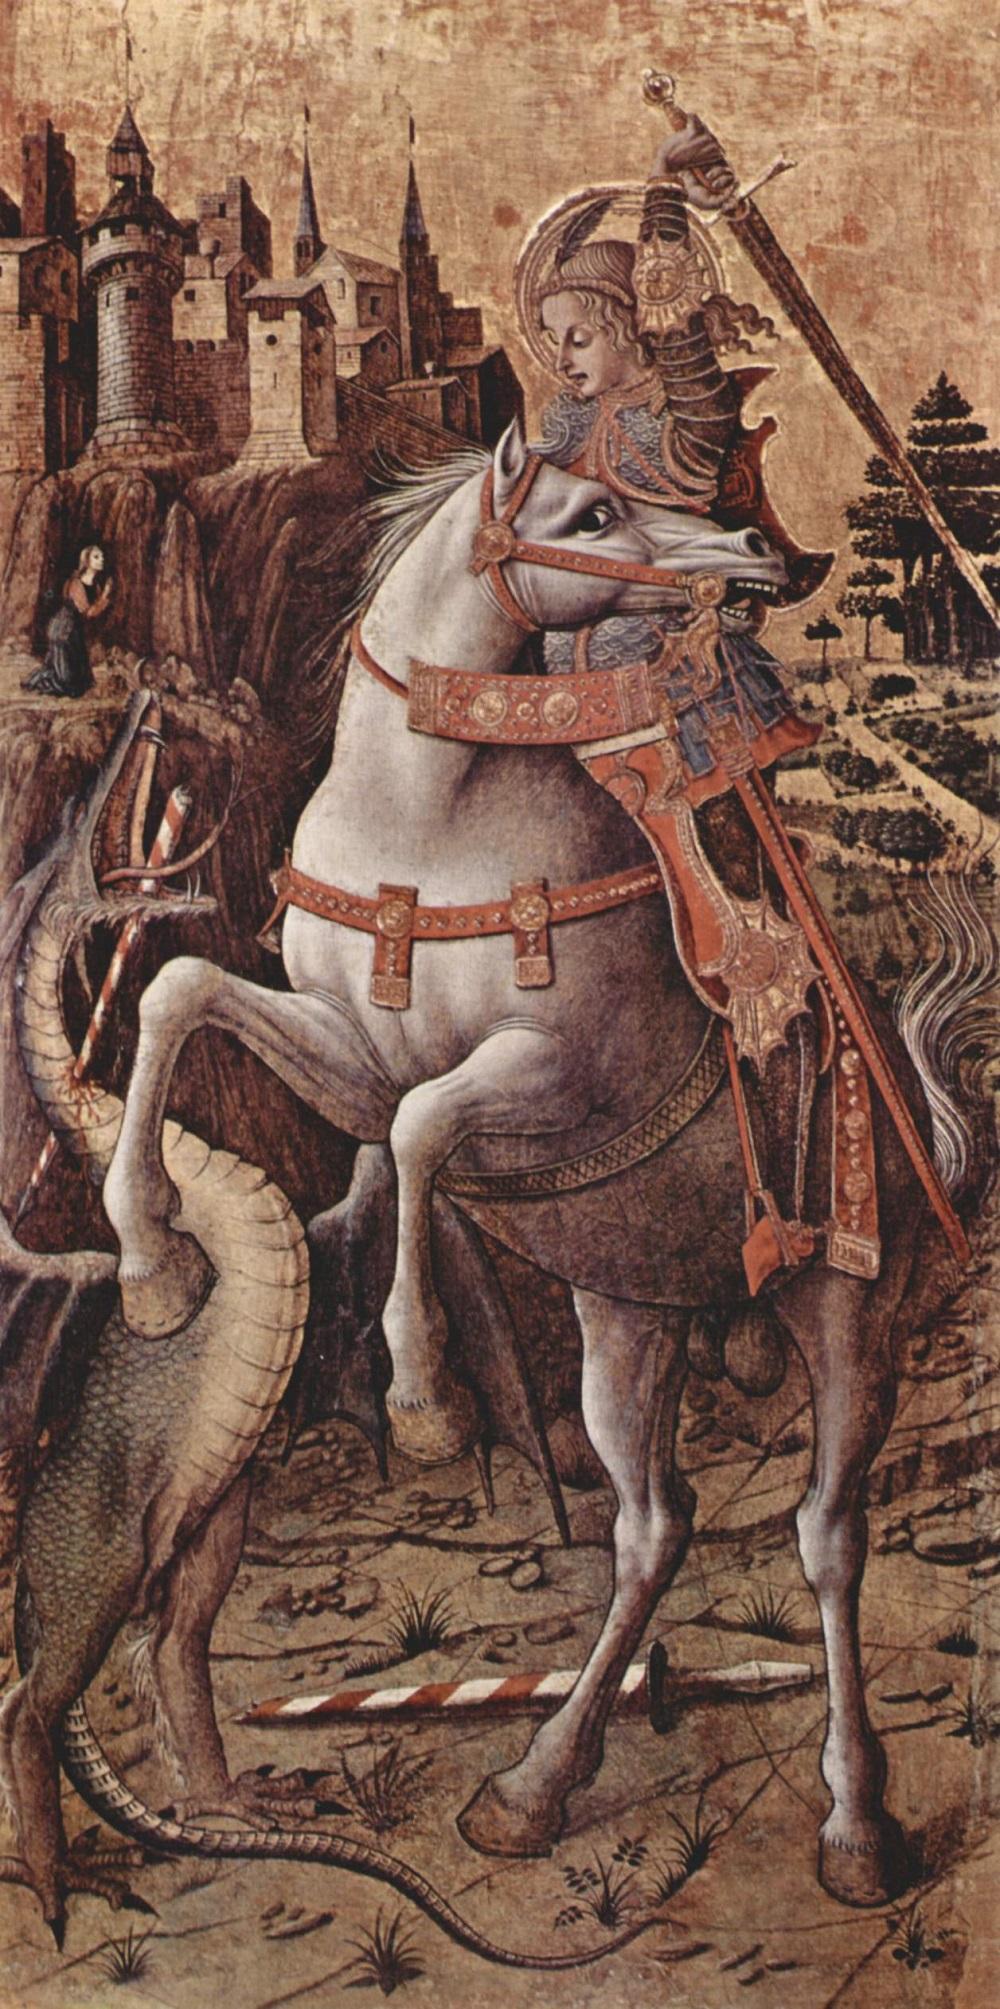 1450 Карло Кривелли (ок. 1430-1495) Алтарный полиптих приходской церкви в Порто Сан Джорджио, правая доска, св. Георгий.jpg